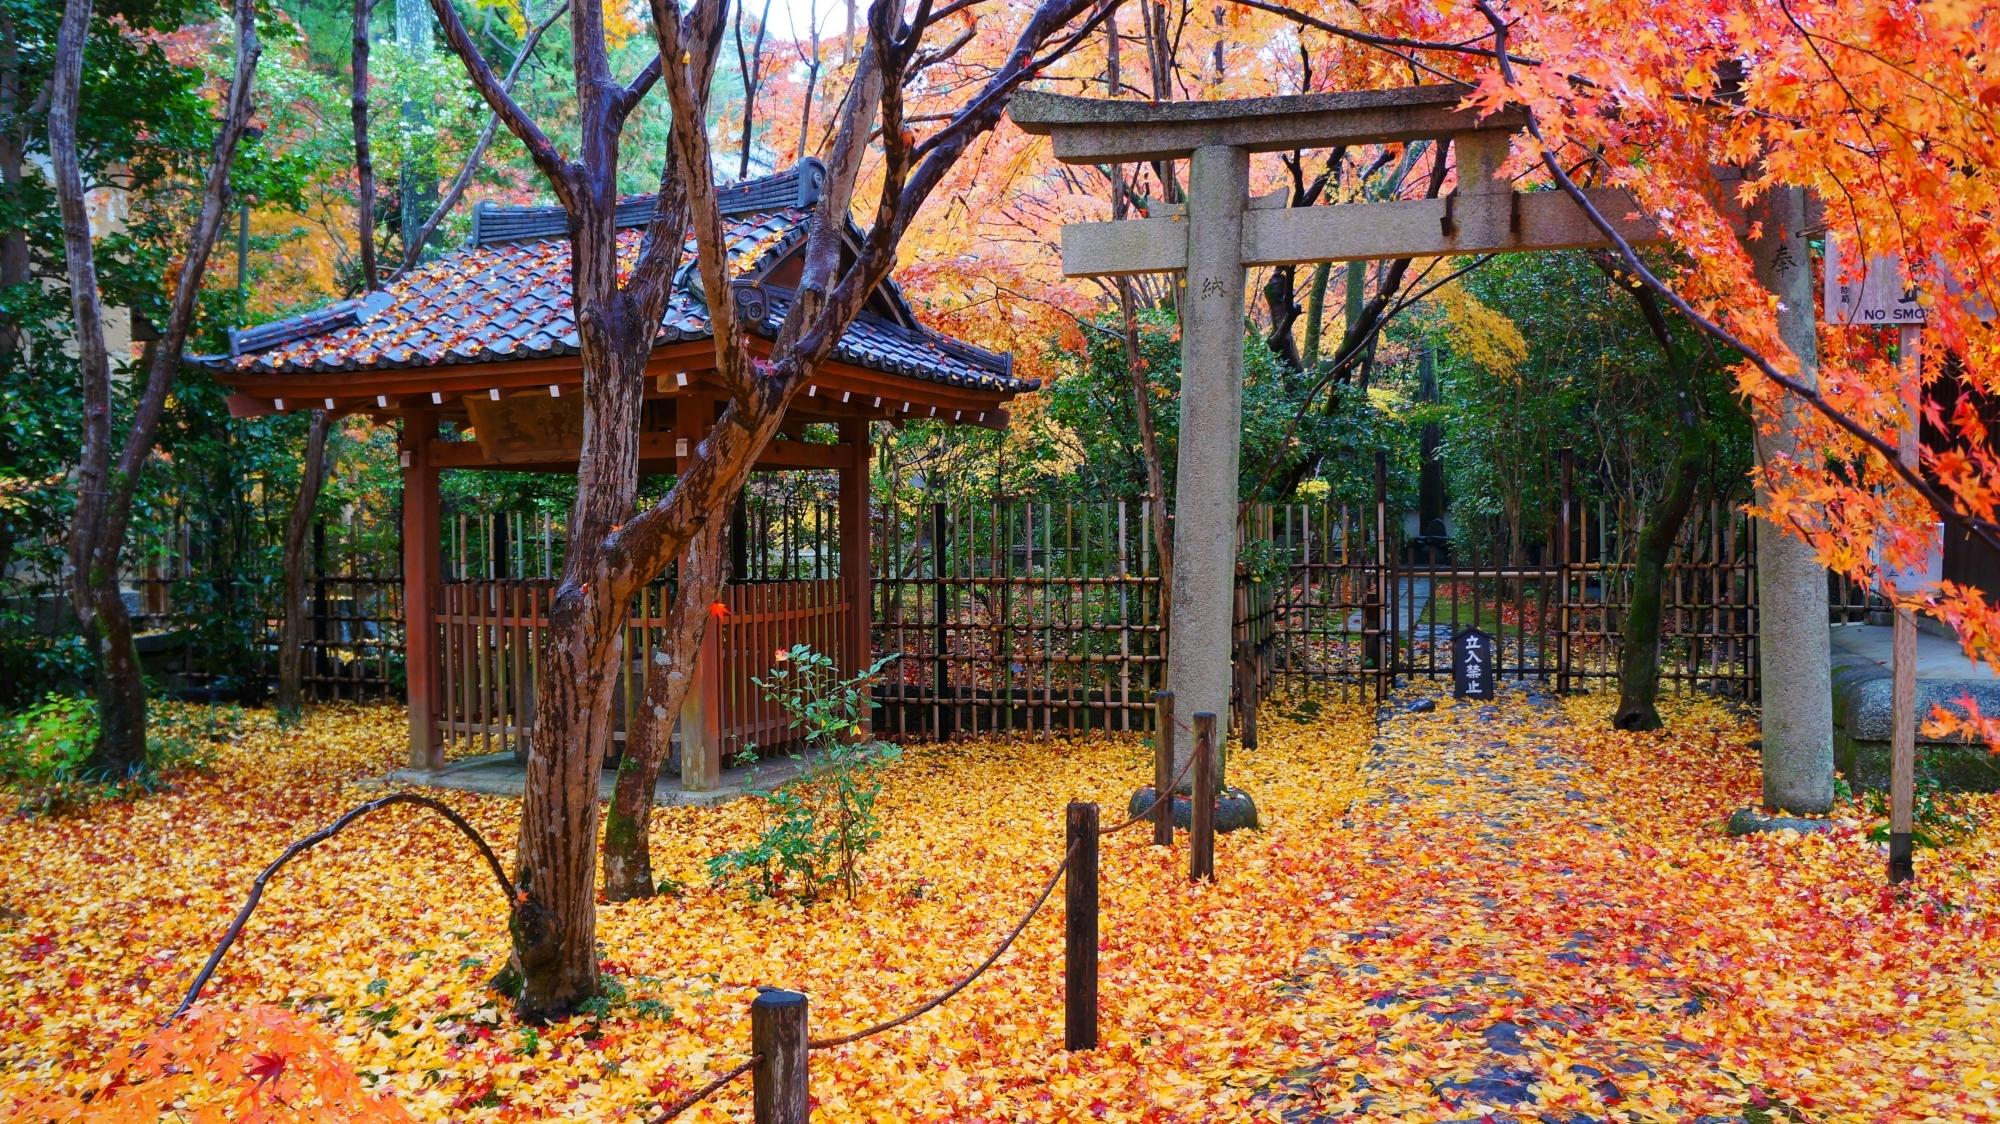 蓮華寺の井戸屋形と散銀杏の黄色い絨毯